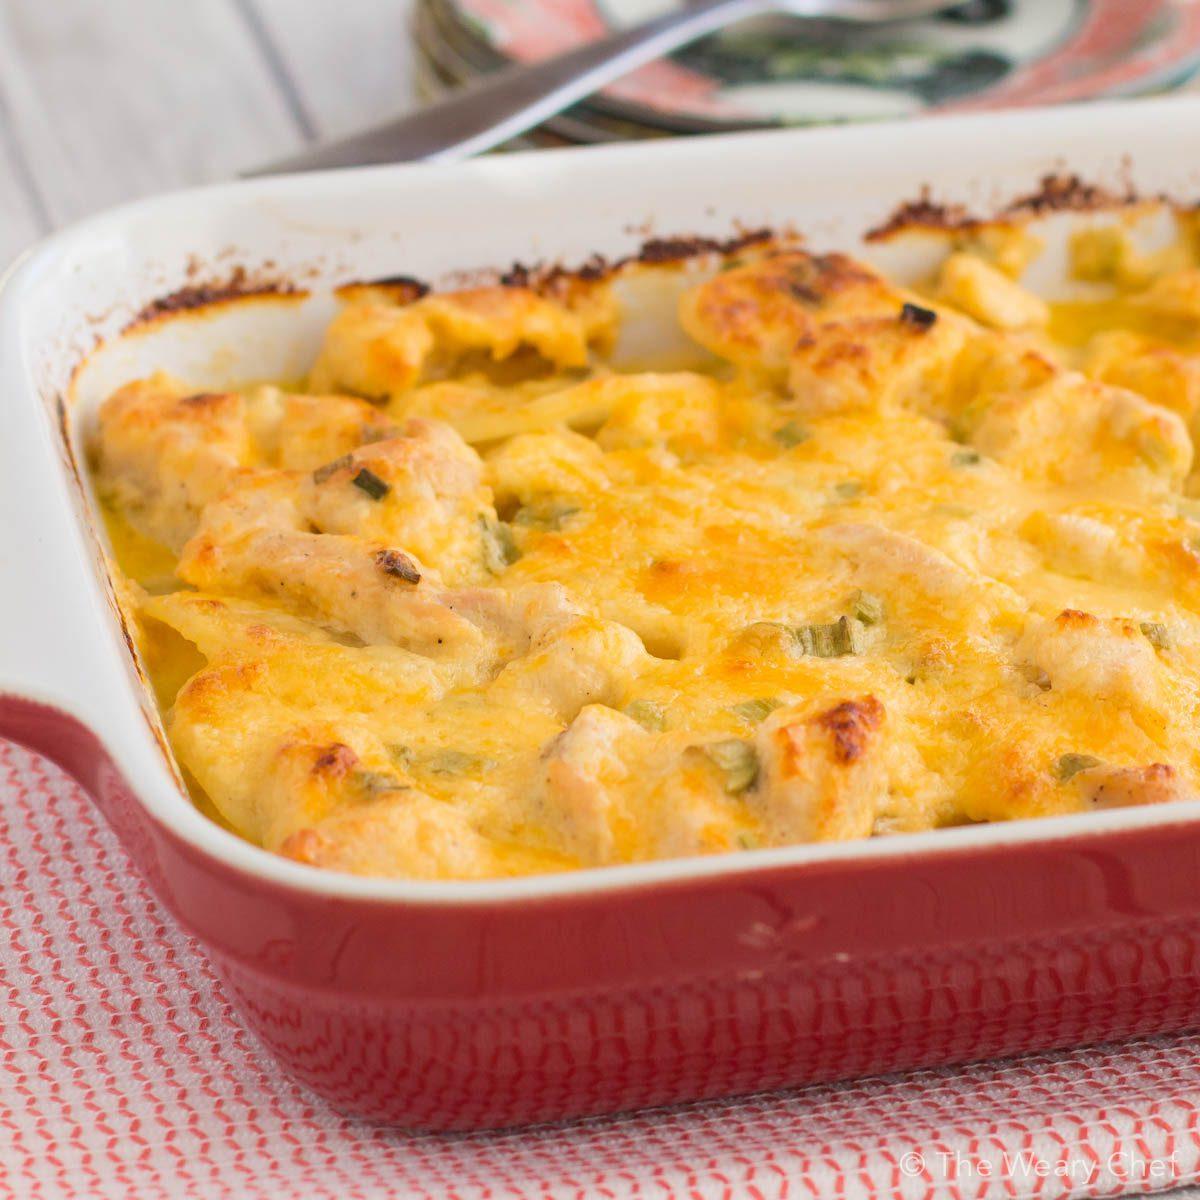 how to make scaiioped potatoes reciepei